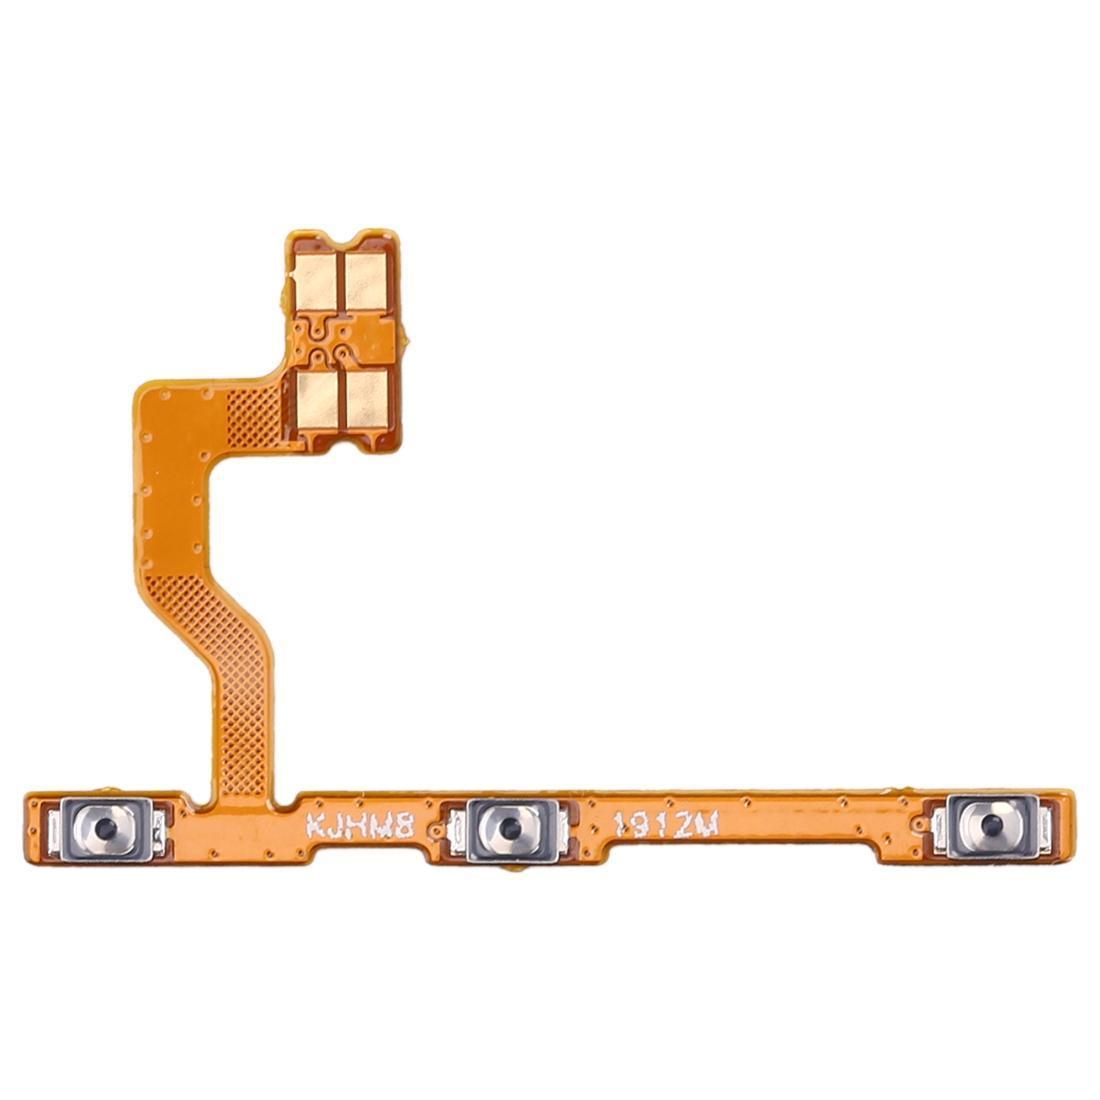 Power-Knopf-Volumen-Knopf-Flexkabel für Xiaomi Redmi 8